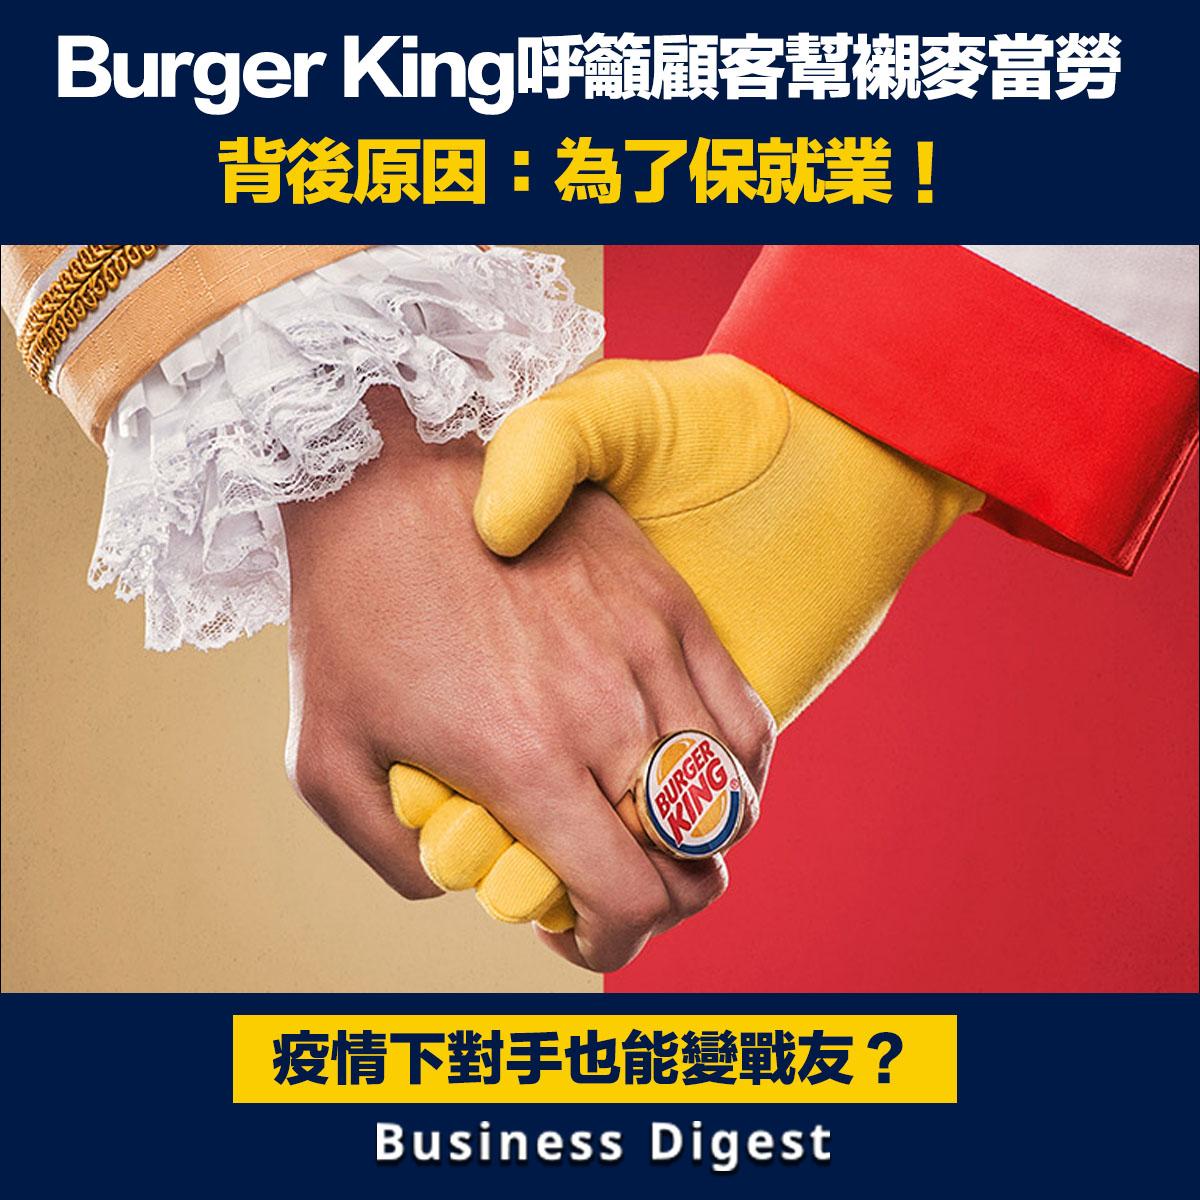 英國Burger King就在社交媒體上發文,希望顧客不但止幫襯它們,也請他們同時支持自己的對手們